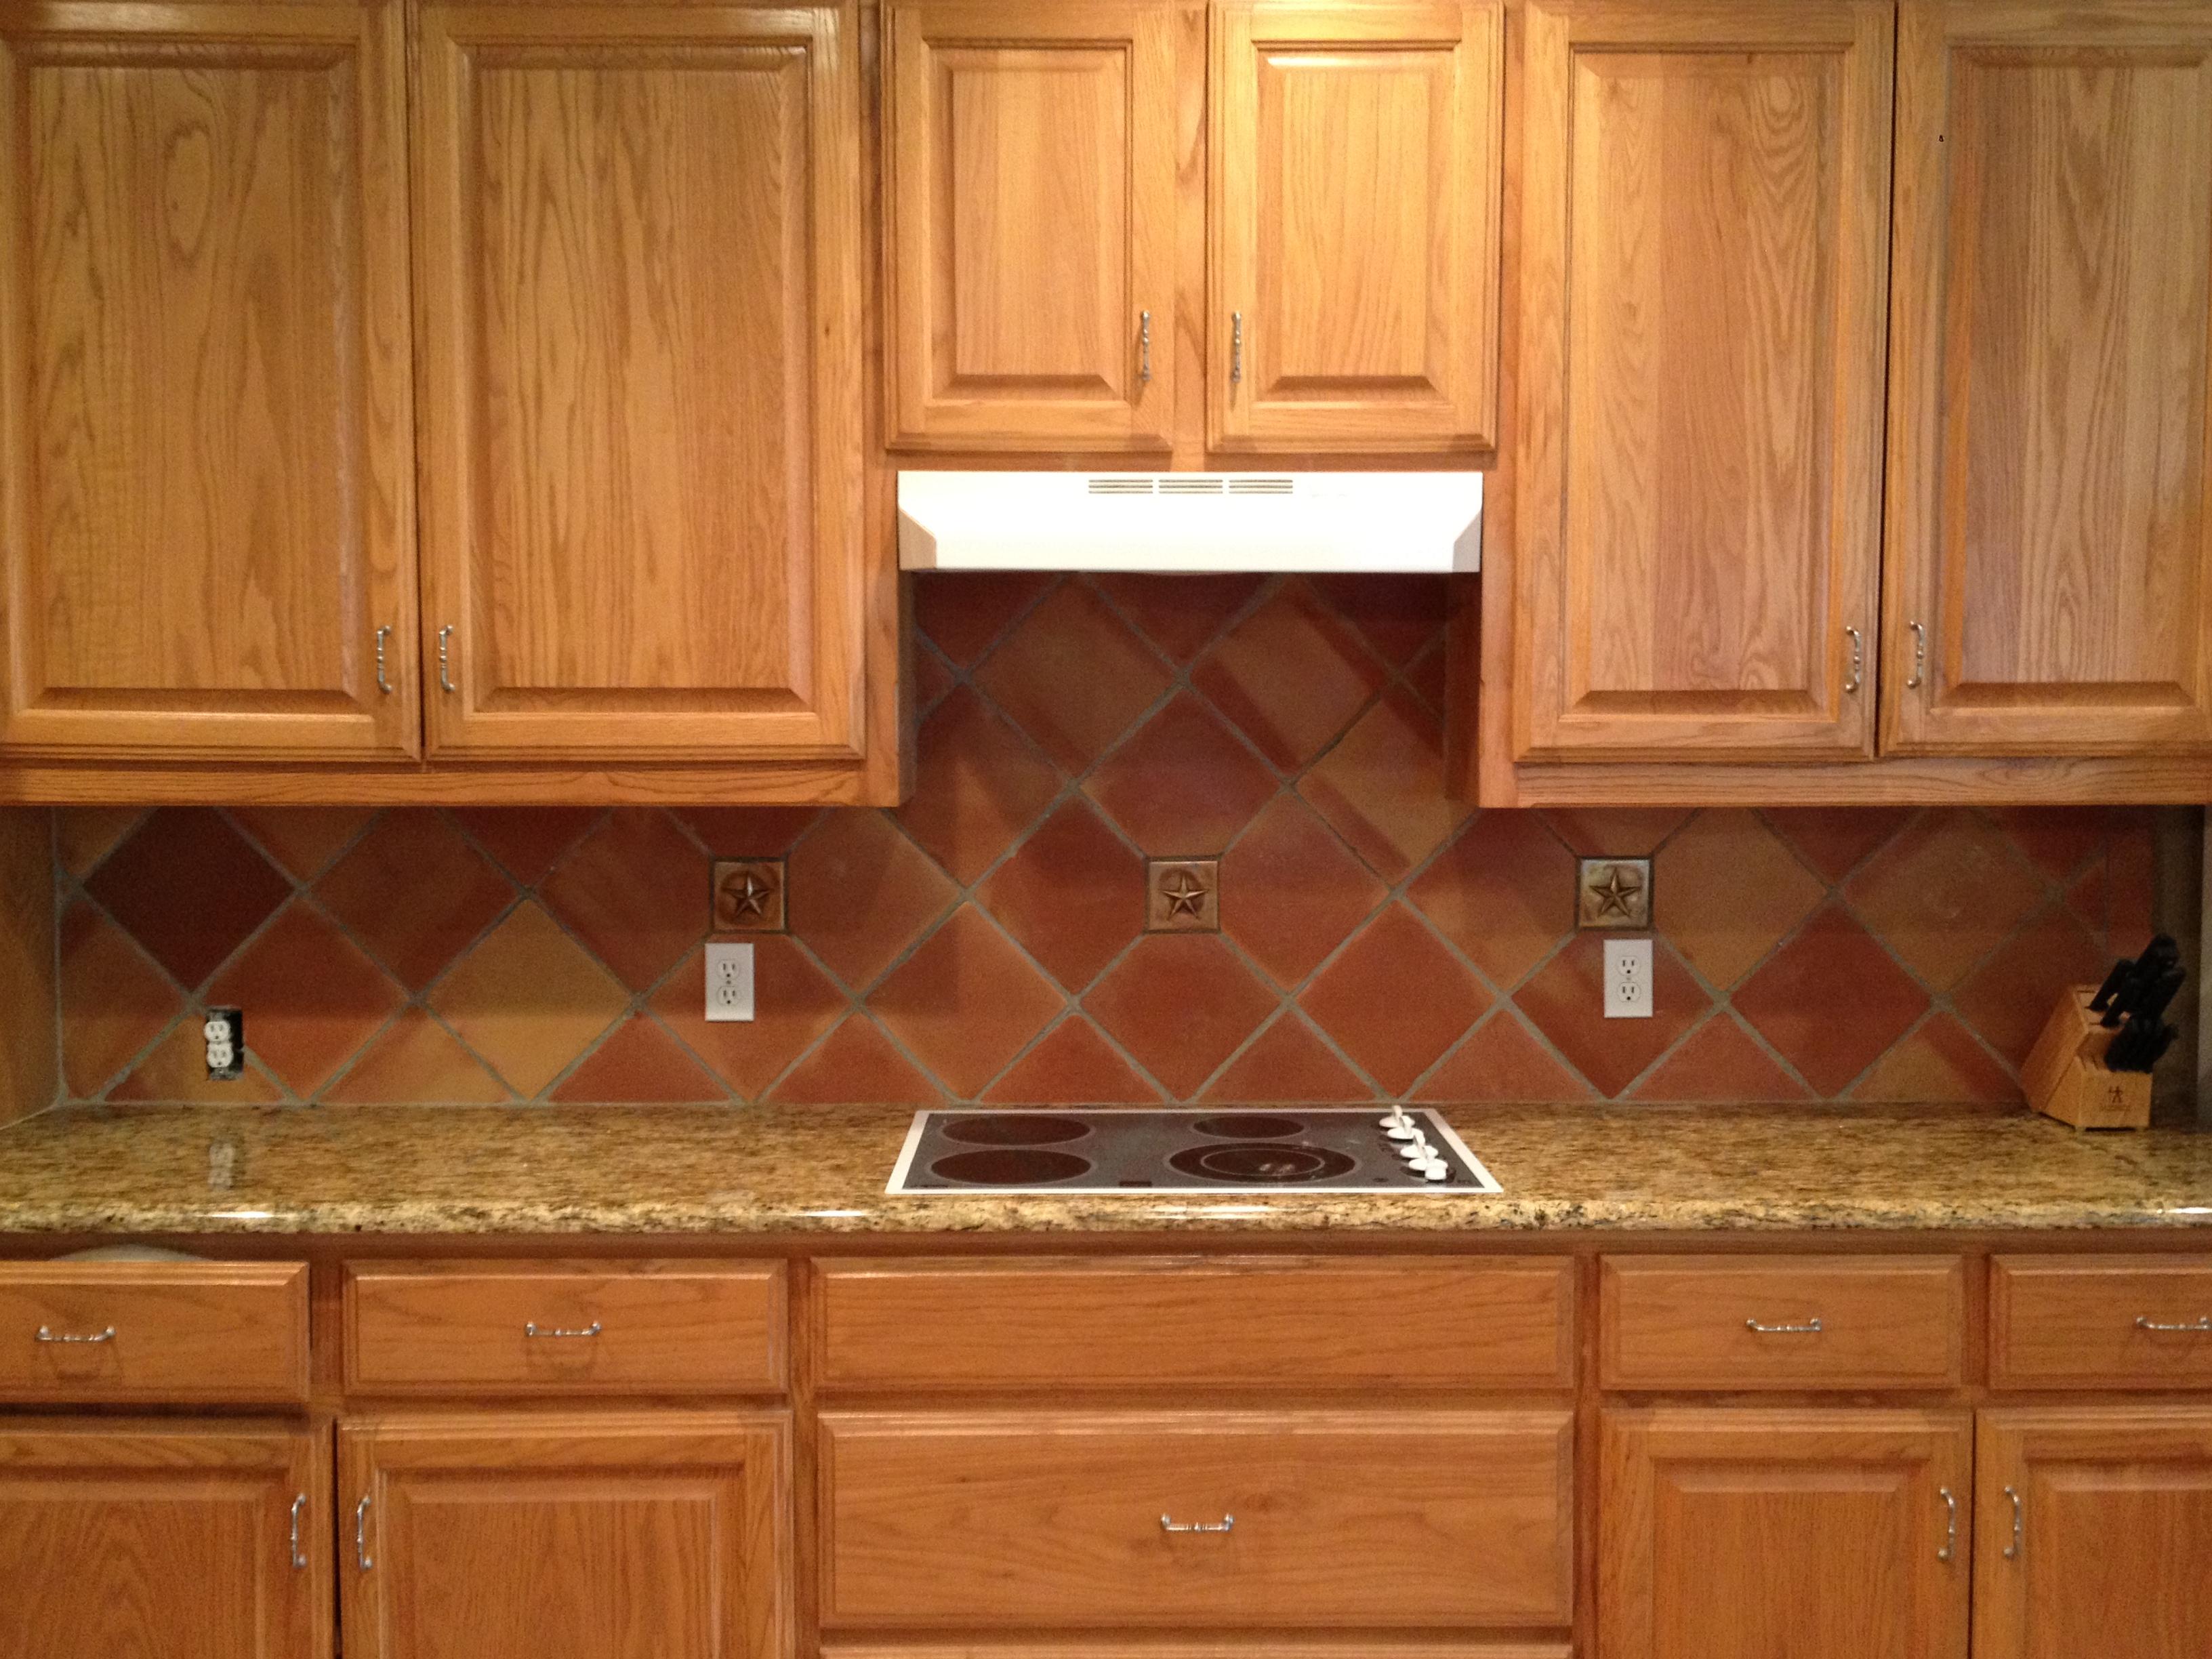 Terra-cotta kitchen backsplash.